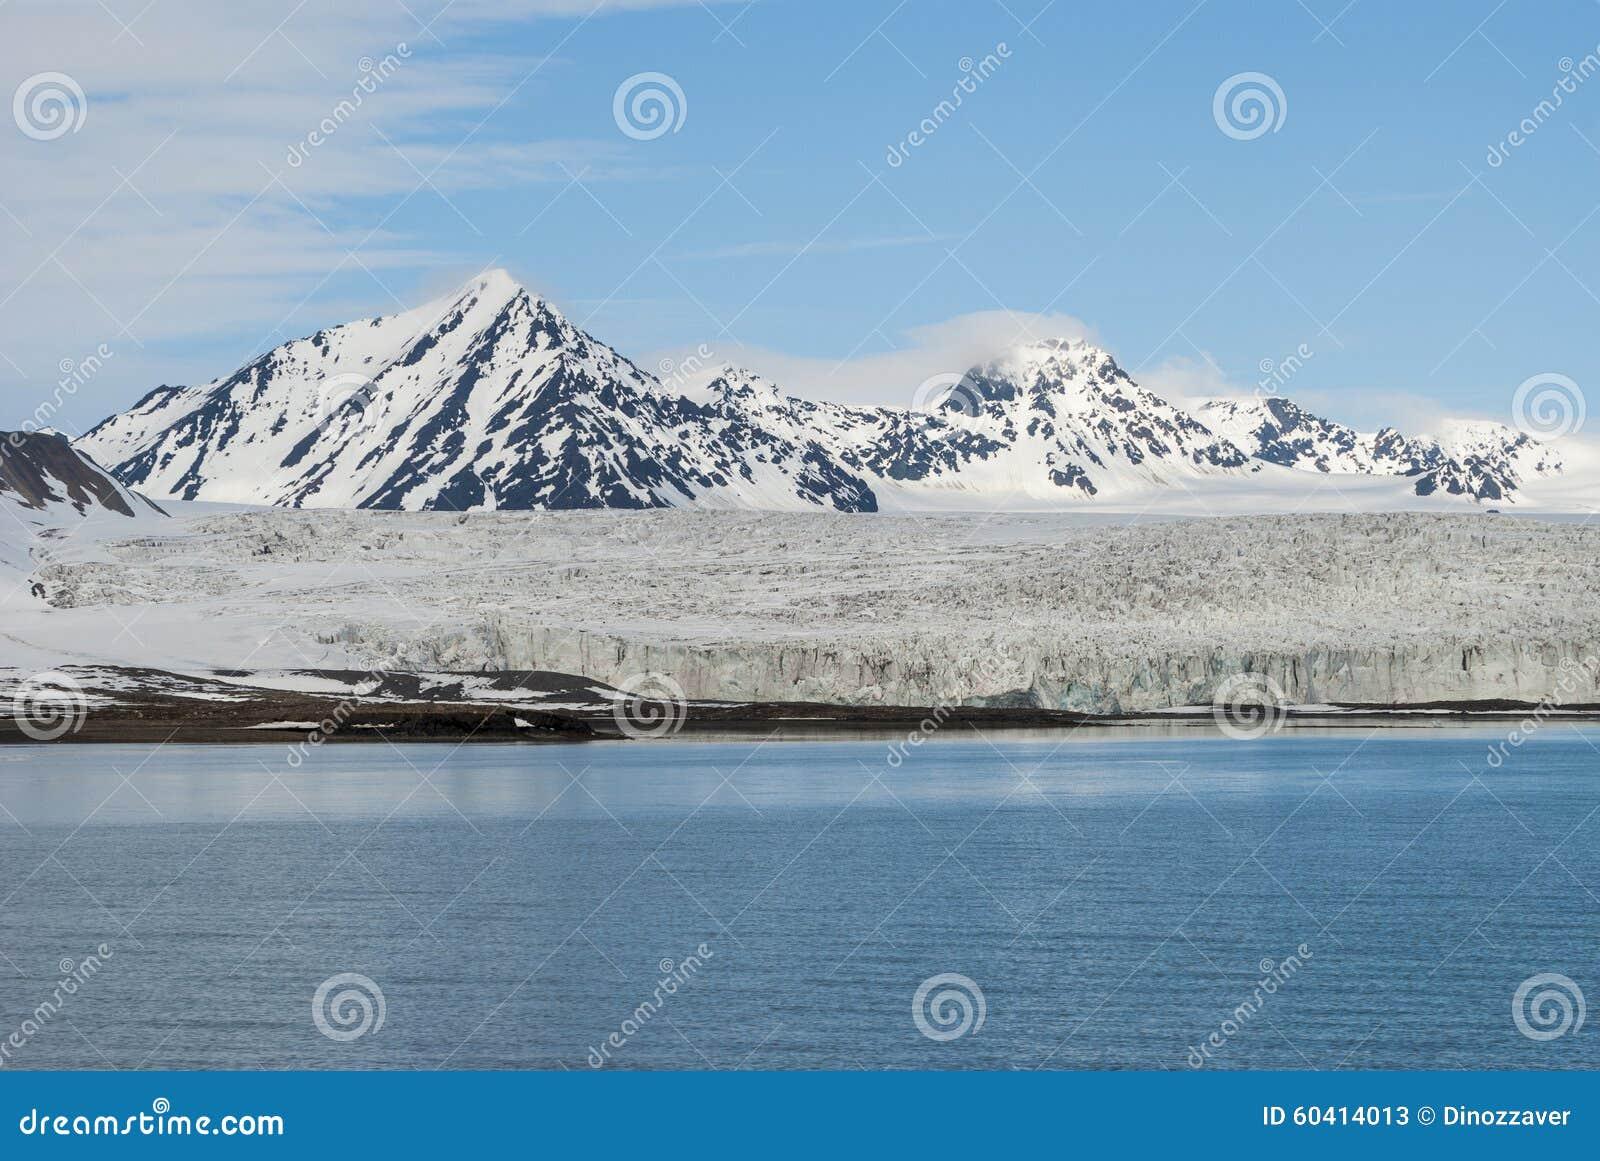 在冰川,斯瓦尔巴特群岛前面的冰山,北极